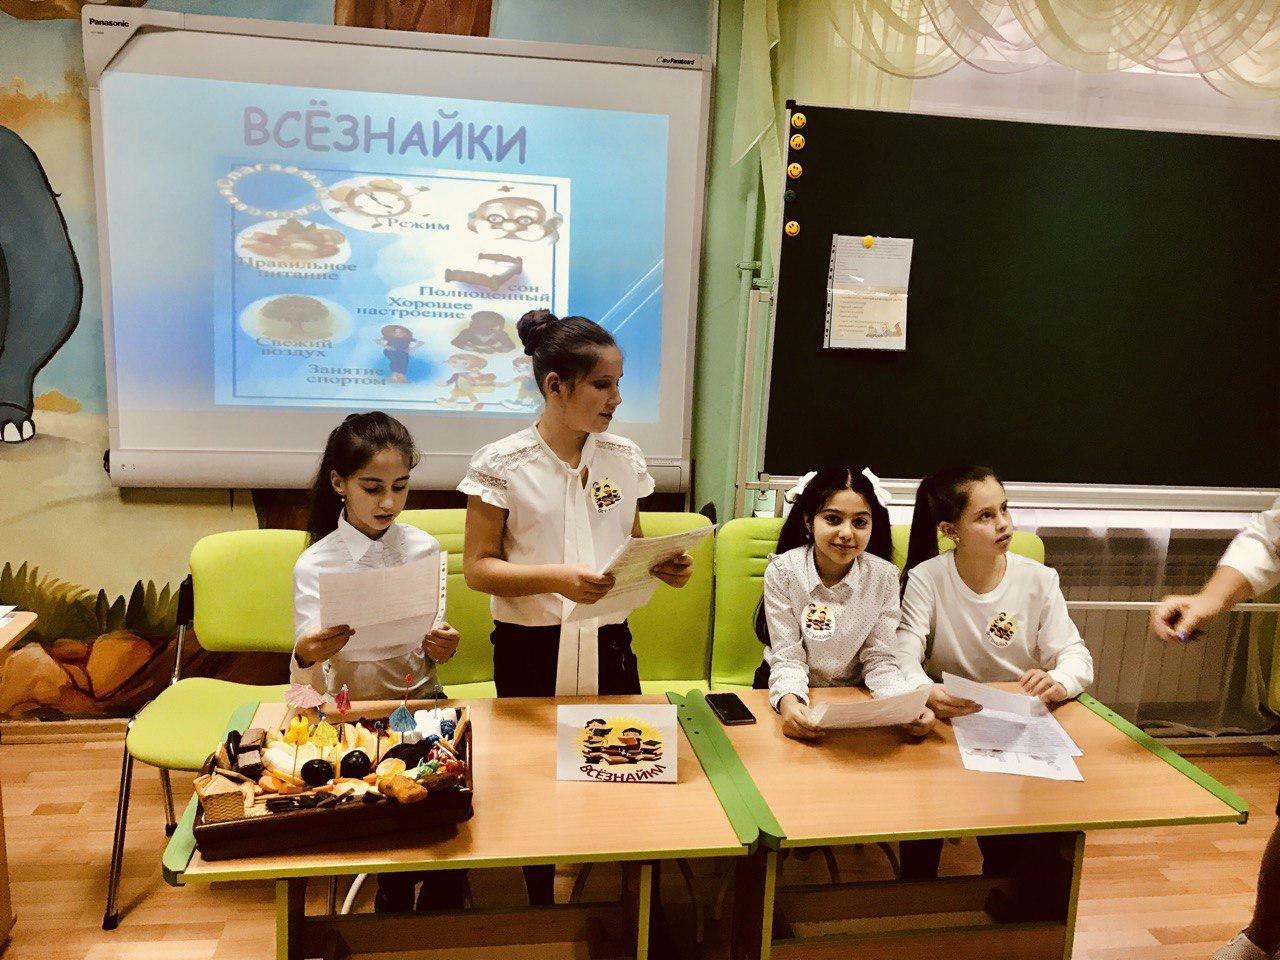 Развитие и образование ребенка в Одессе, фото-8